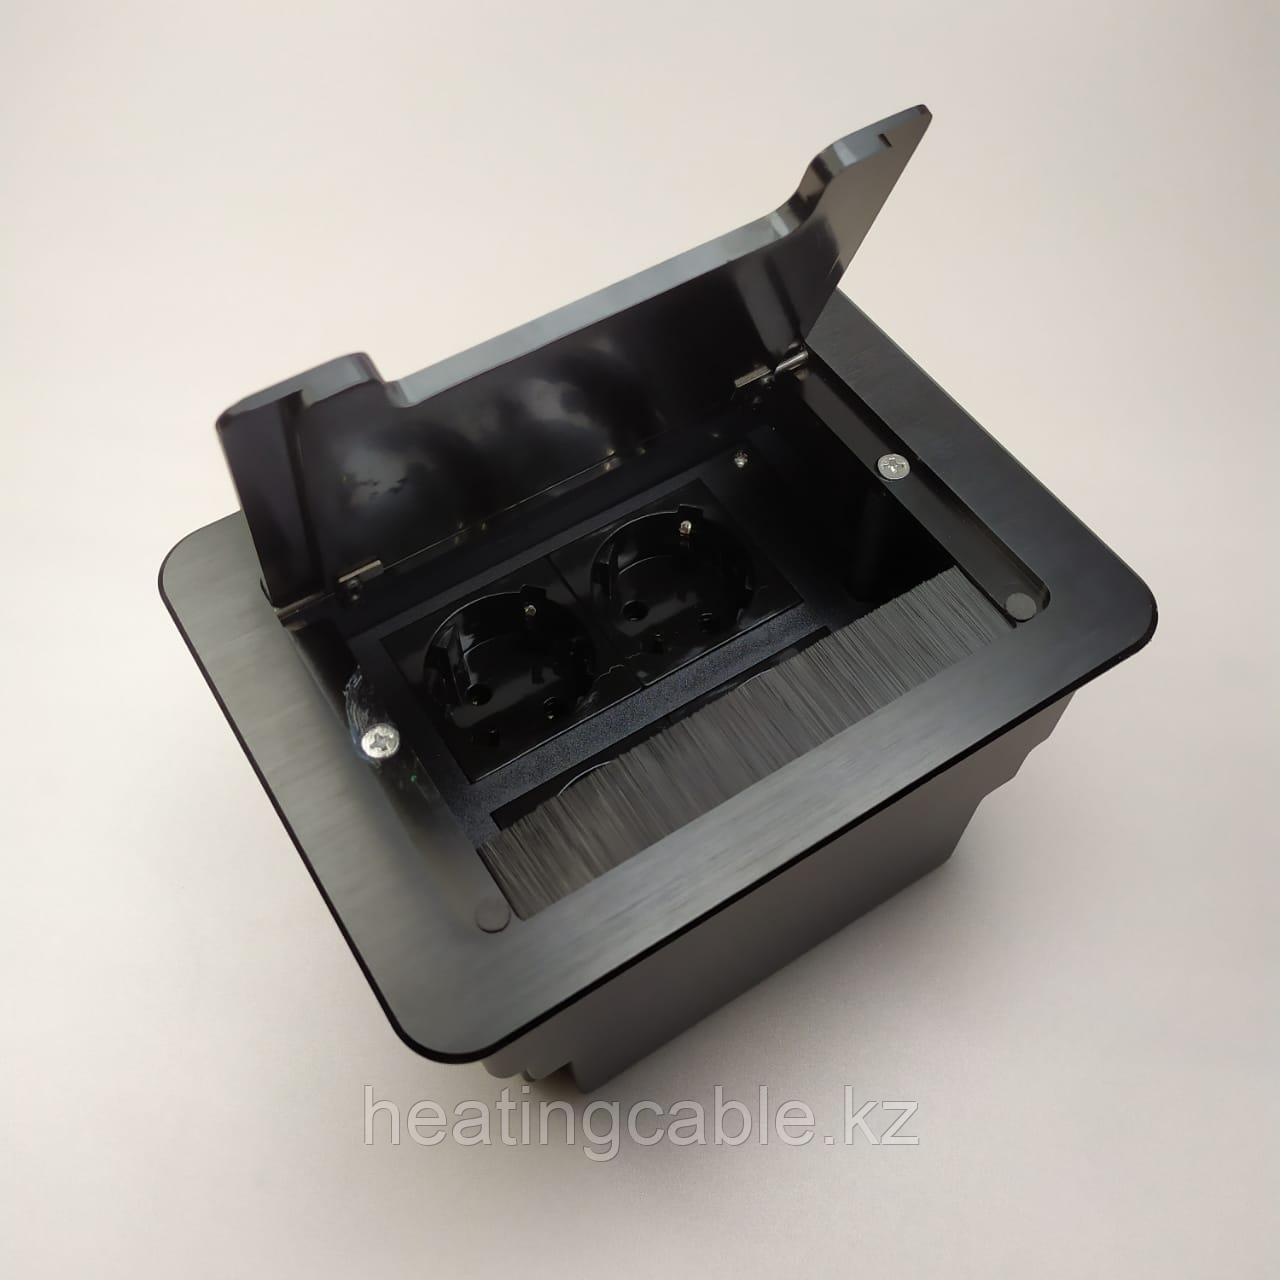 Настольный бокс на 8 модулей (4 розетки 220v), черный, встраиваемая розетка в стол